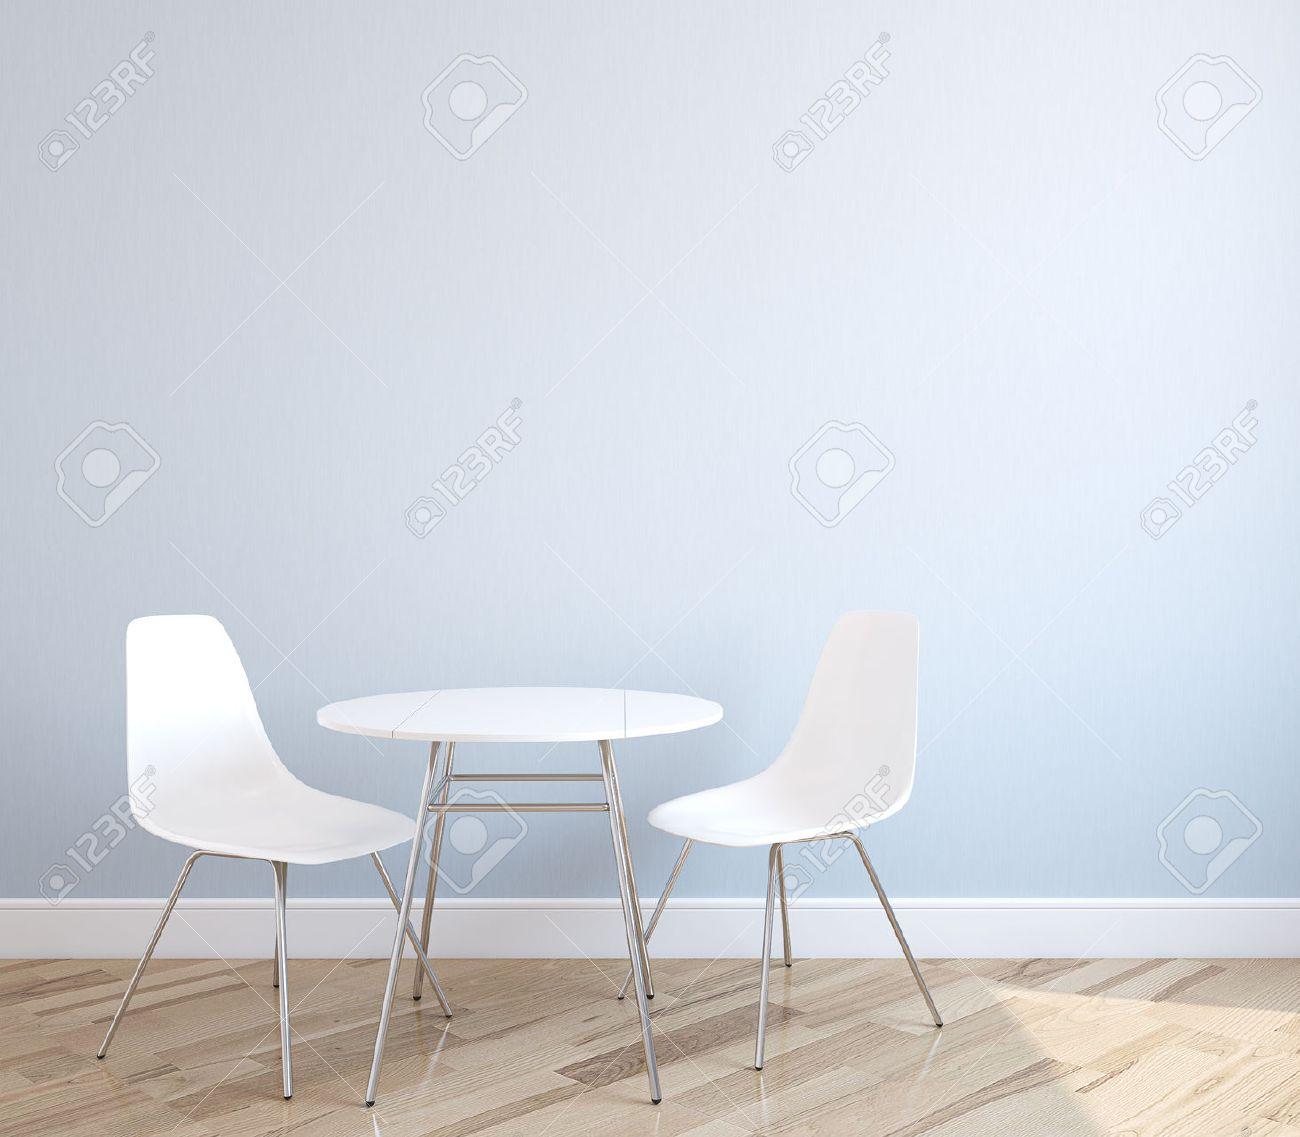 Unglaublich Weisse Stühle Galerie Von Interieur Mit Tisch Und Zwei Weiße Stühle